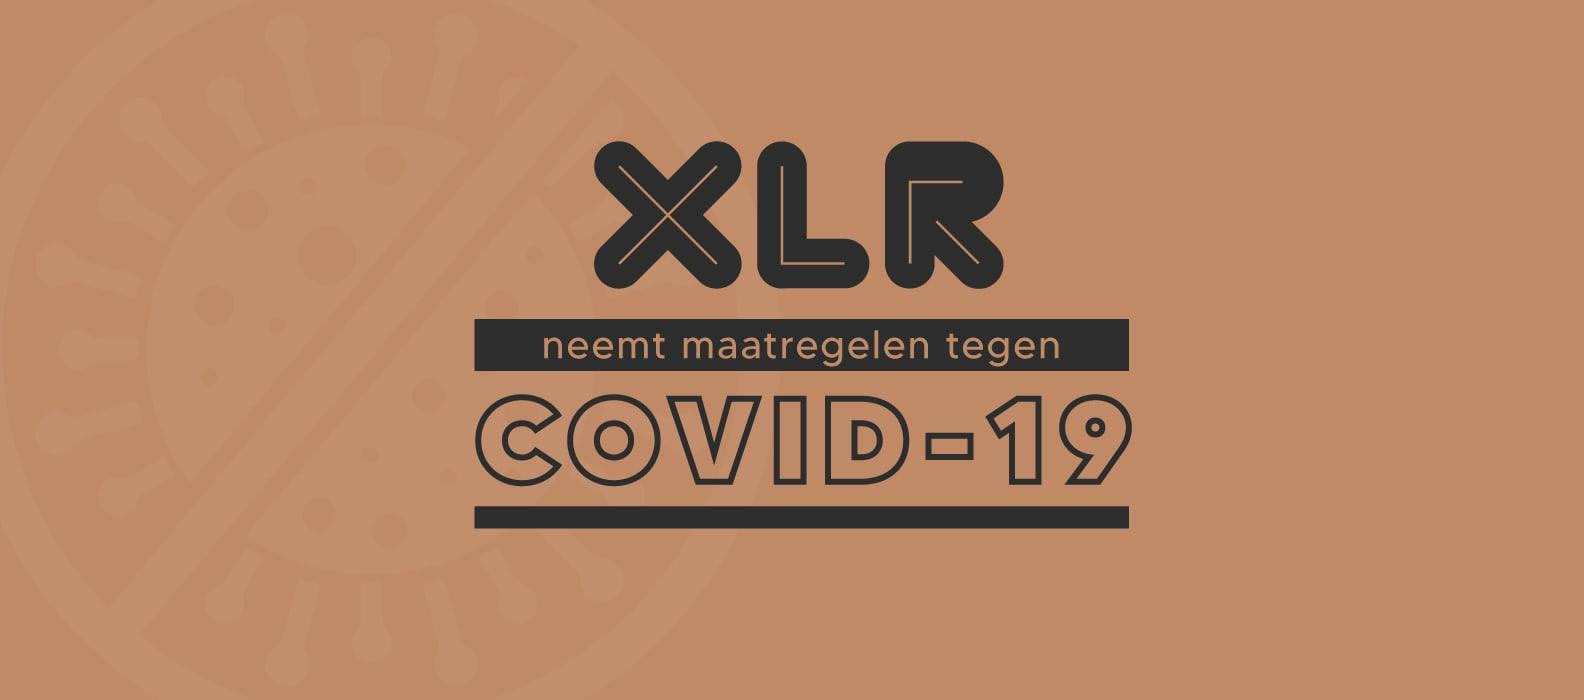 corona-blogpost-nl